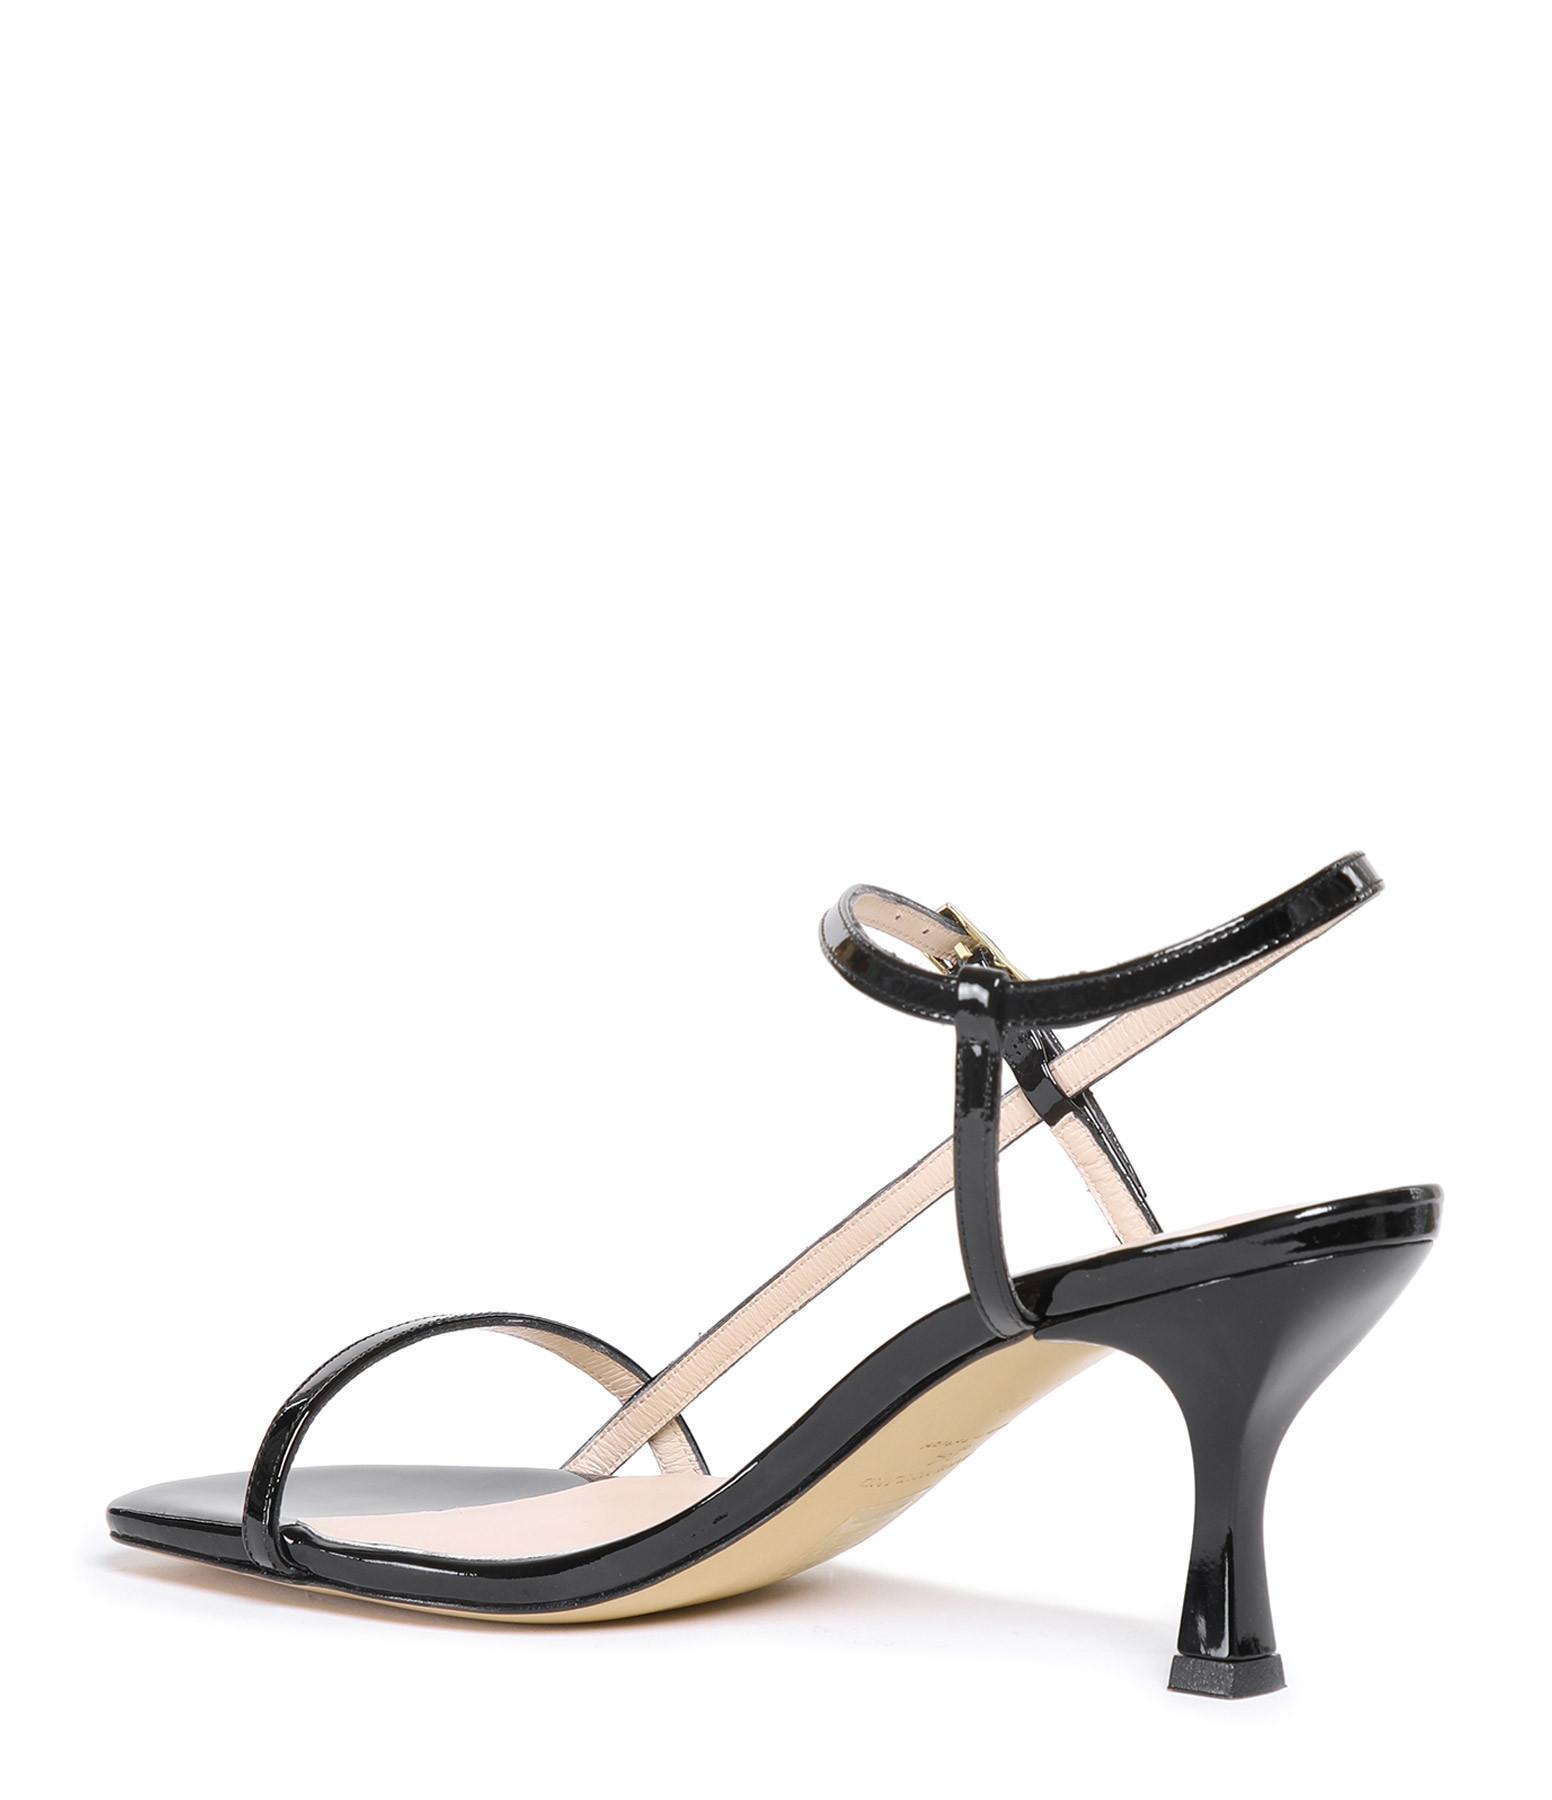 JEANNE VOULAND - Sandales Sublim Multibride Cuir Noir